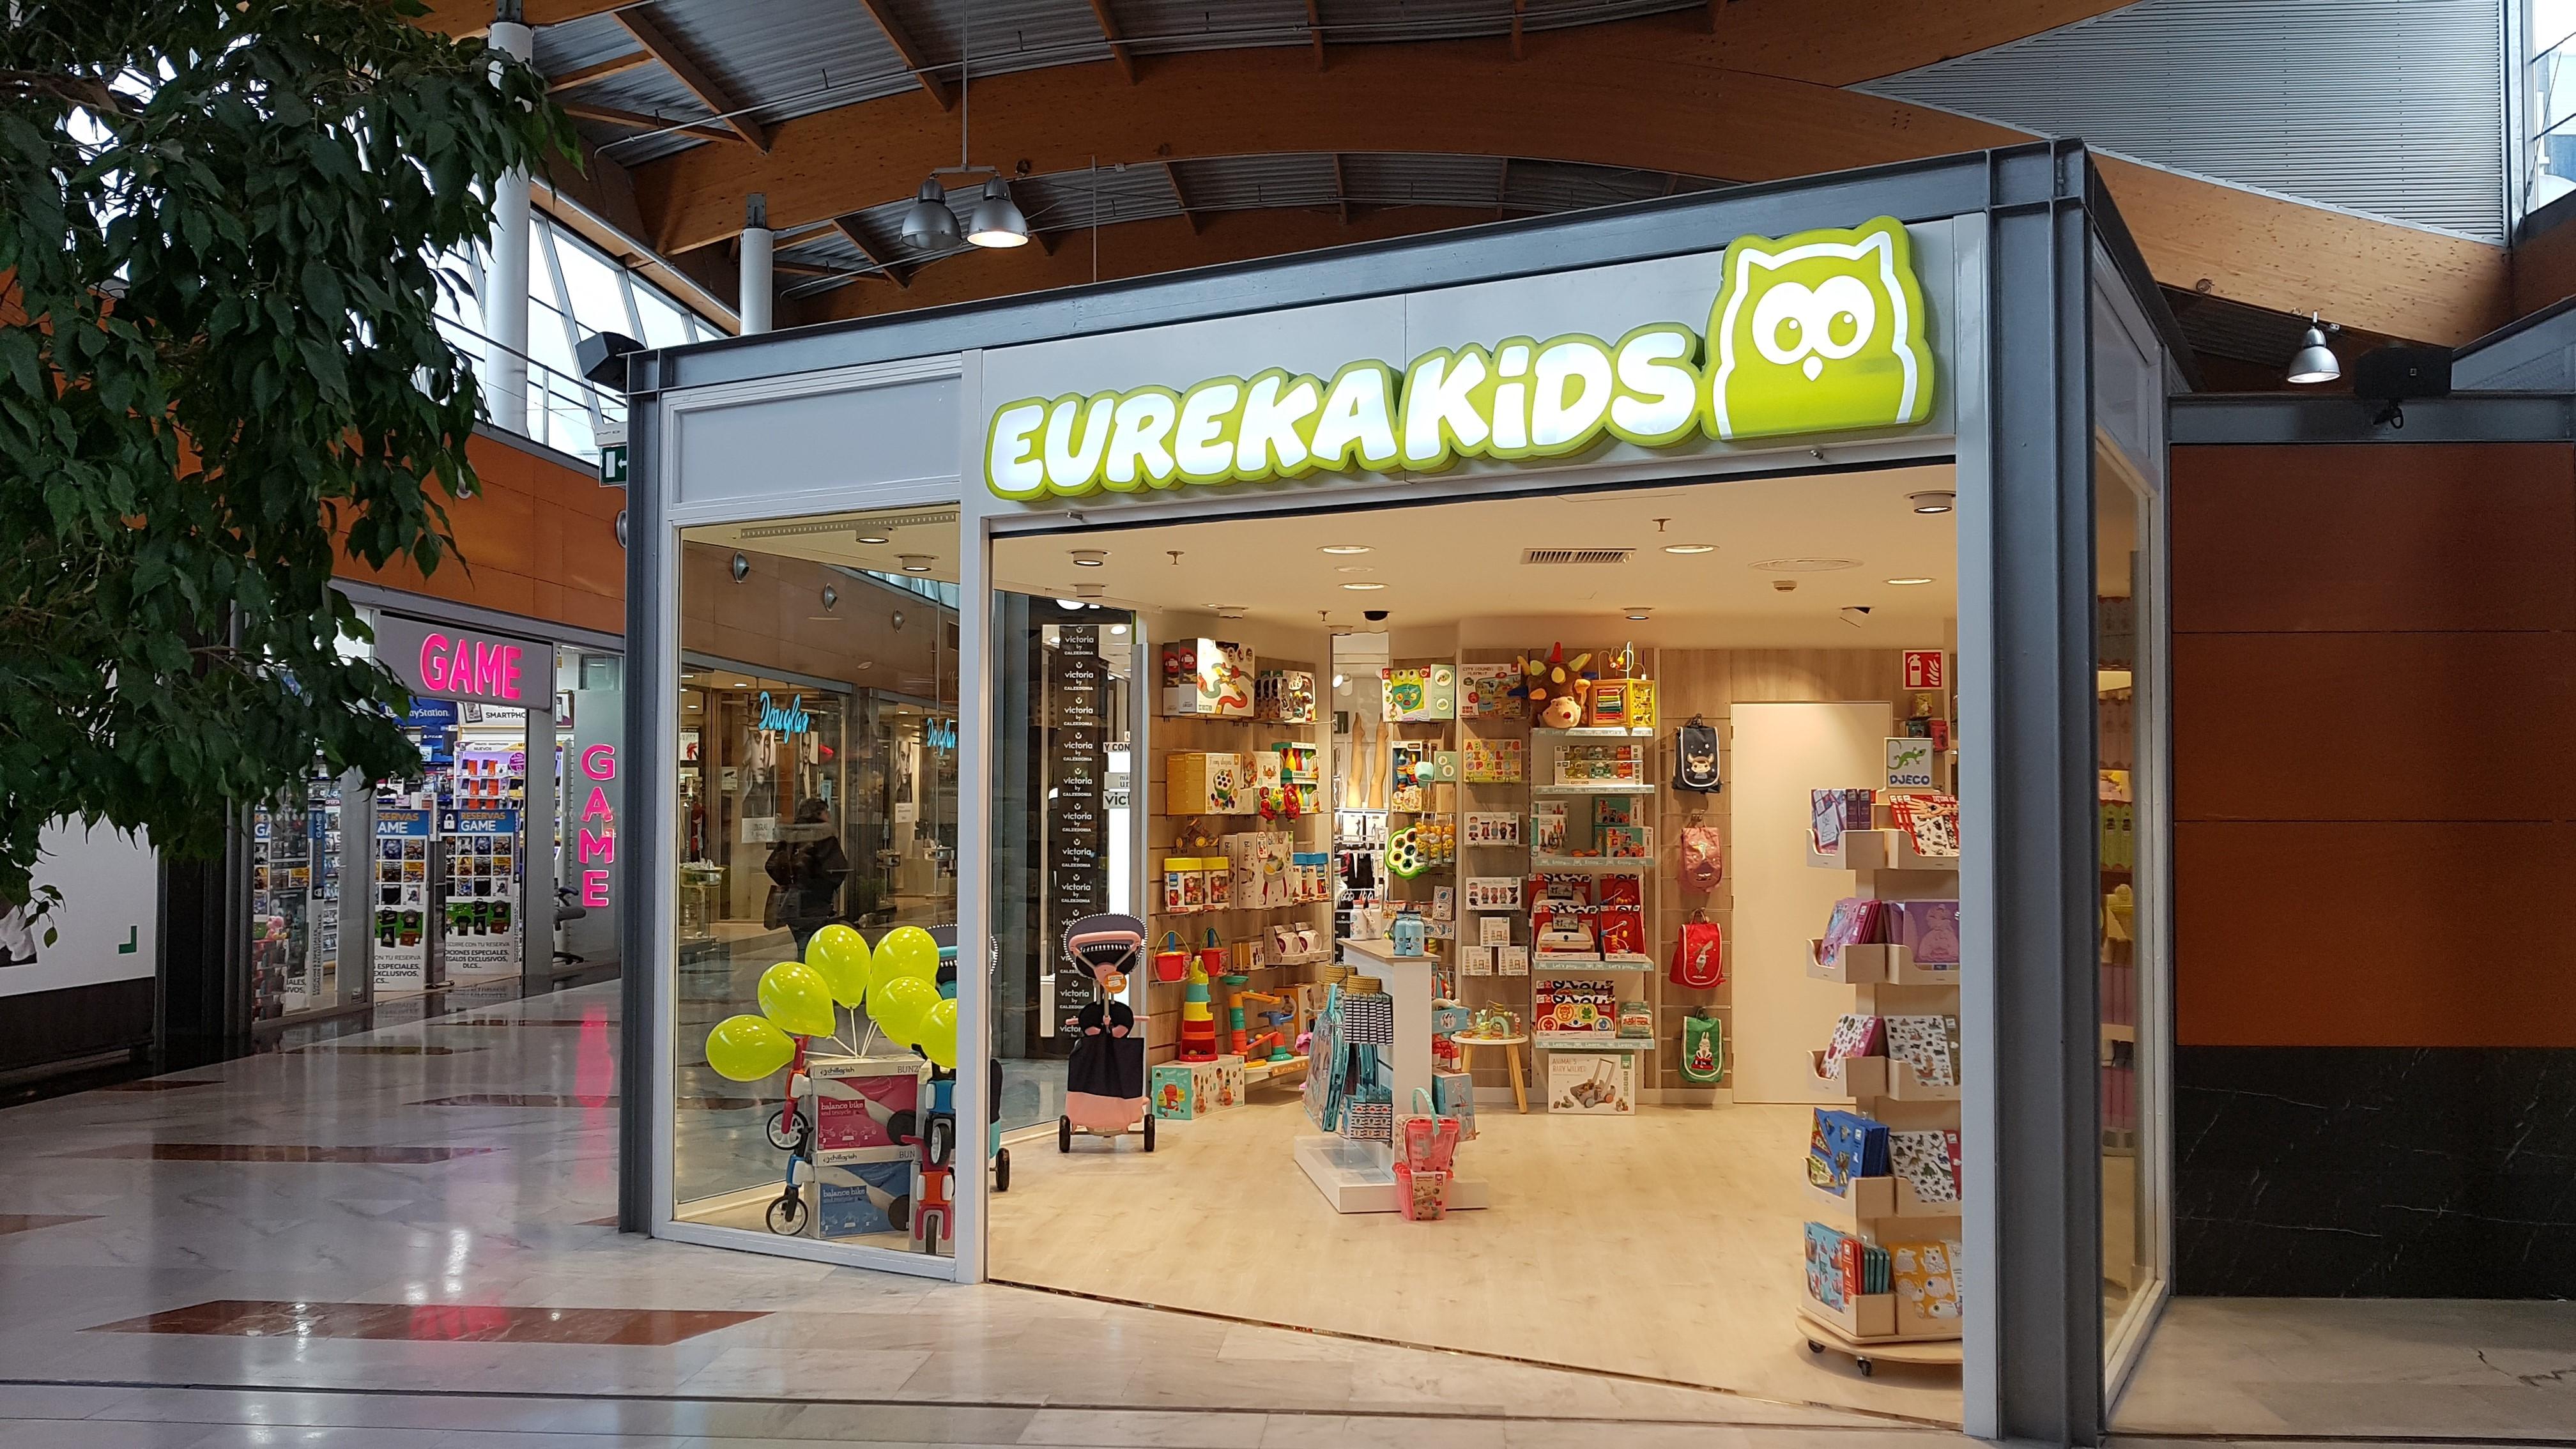 Eureka Kids abre en el Centro Comercial Urbil